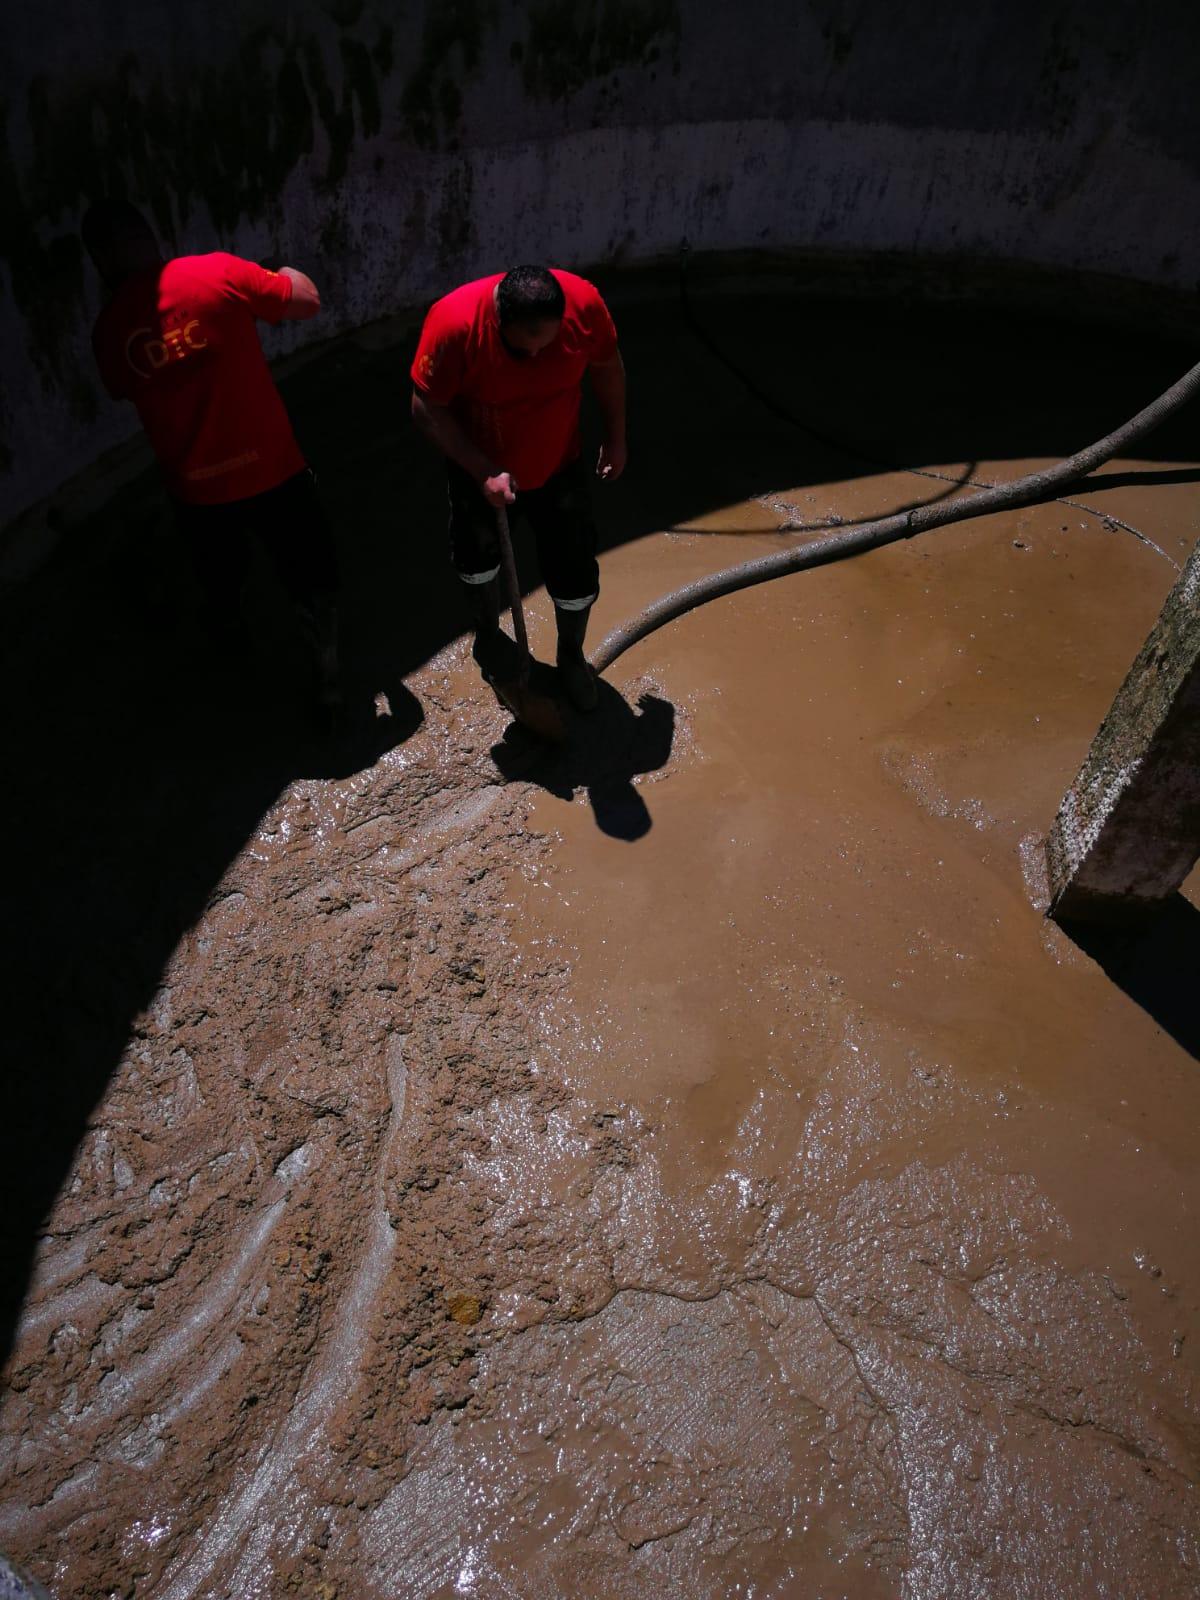 Servicio de limpieza y extracción de suciedad en albercas, balsas de riego o embalses